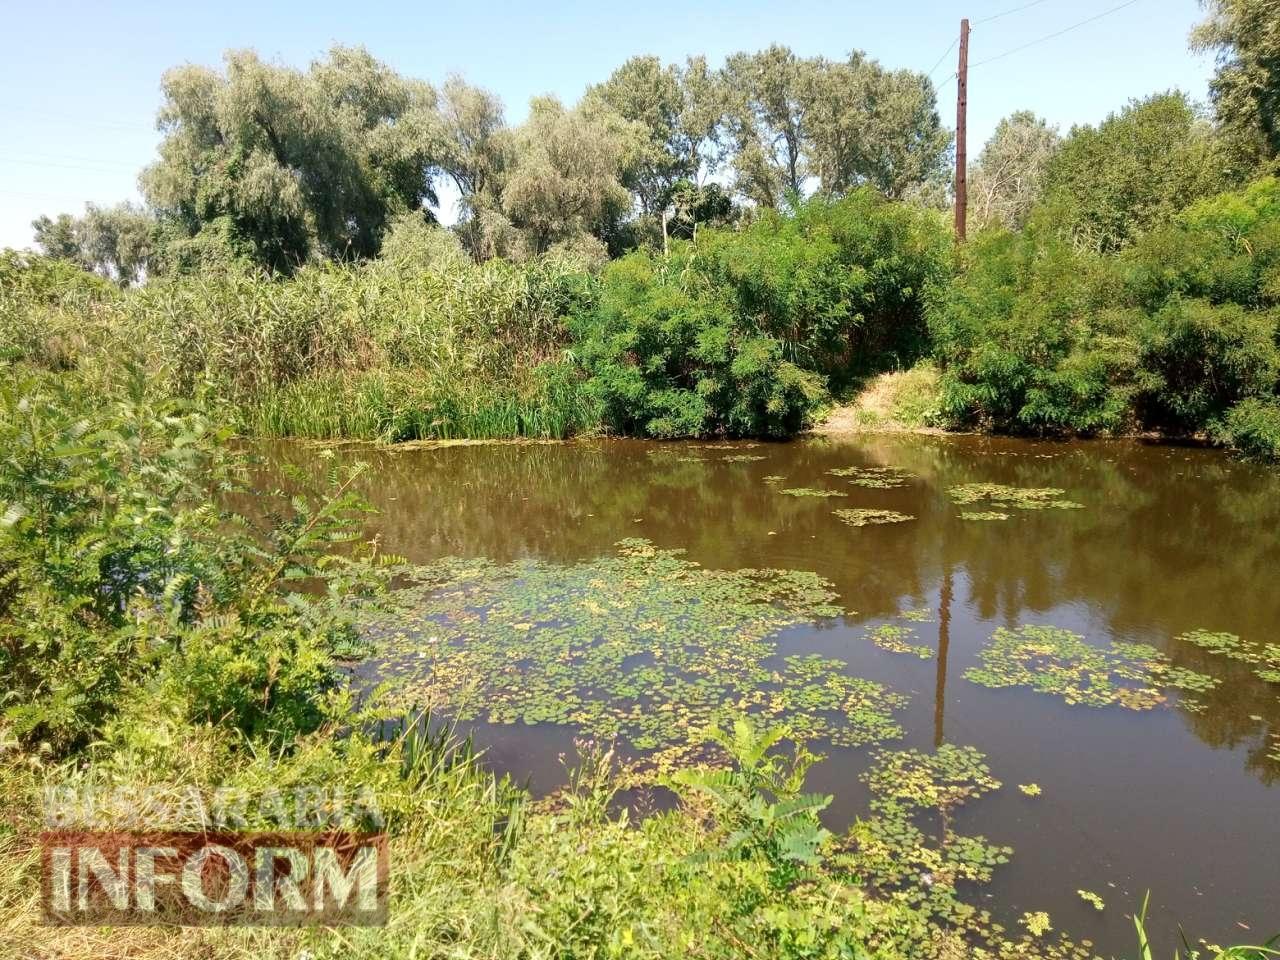 59830e9622c46_vlvlv Канал Общественный в Измаильском районе: неужели расчистят?